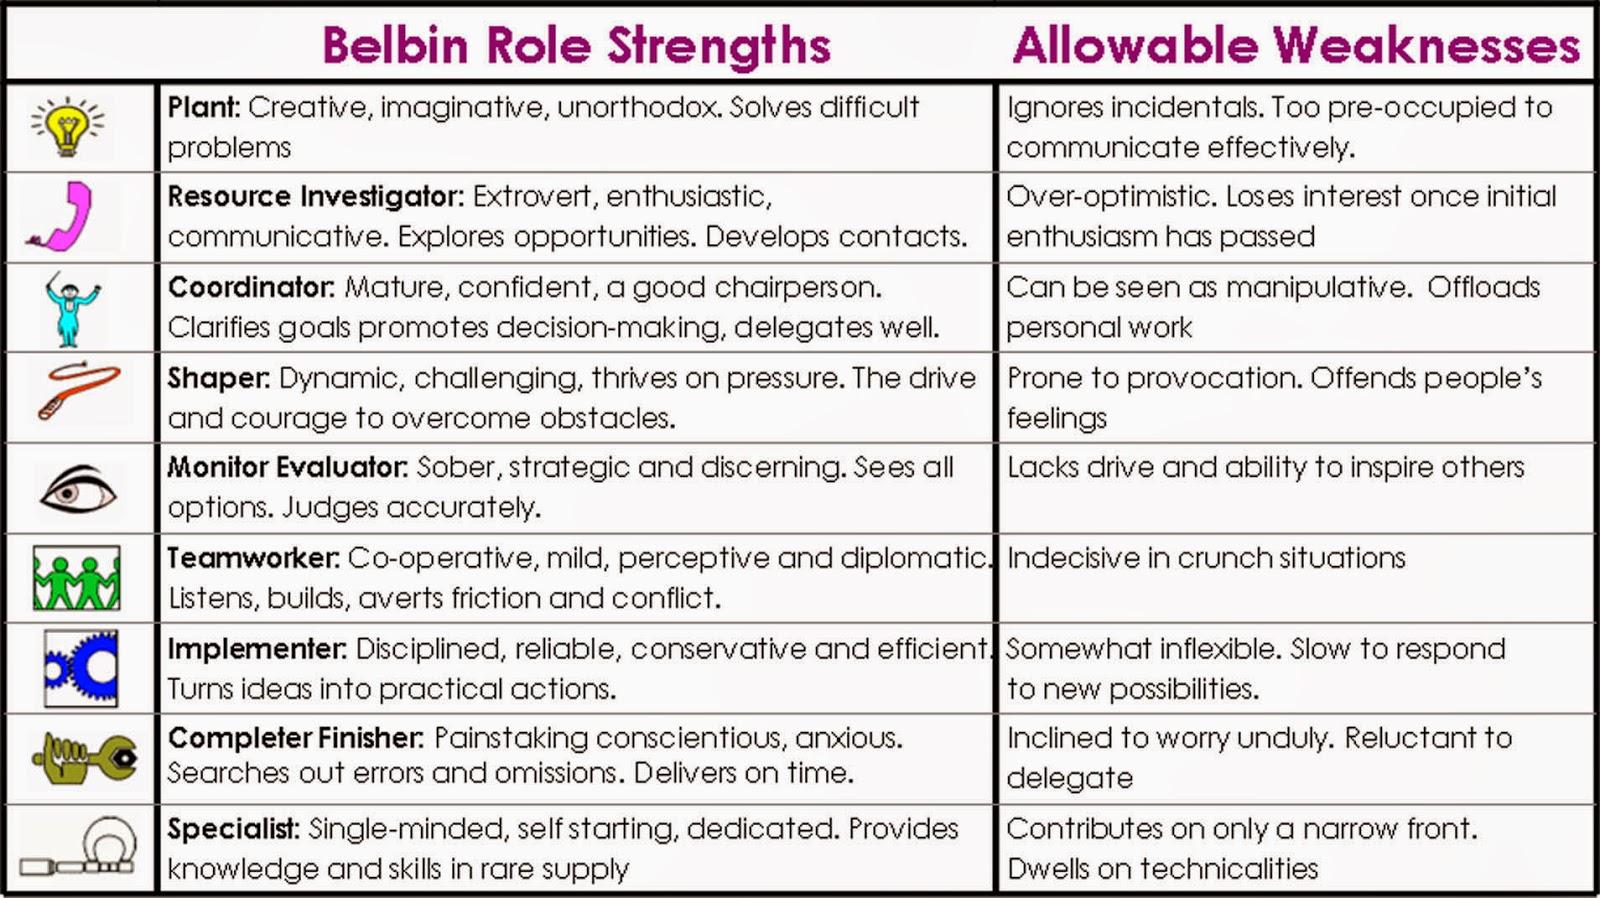 Сильные и слабые стороны групповых ролей по Белбину